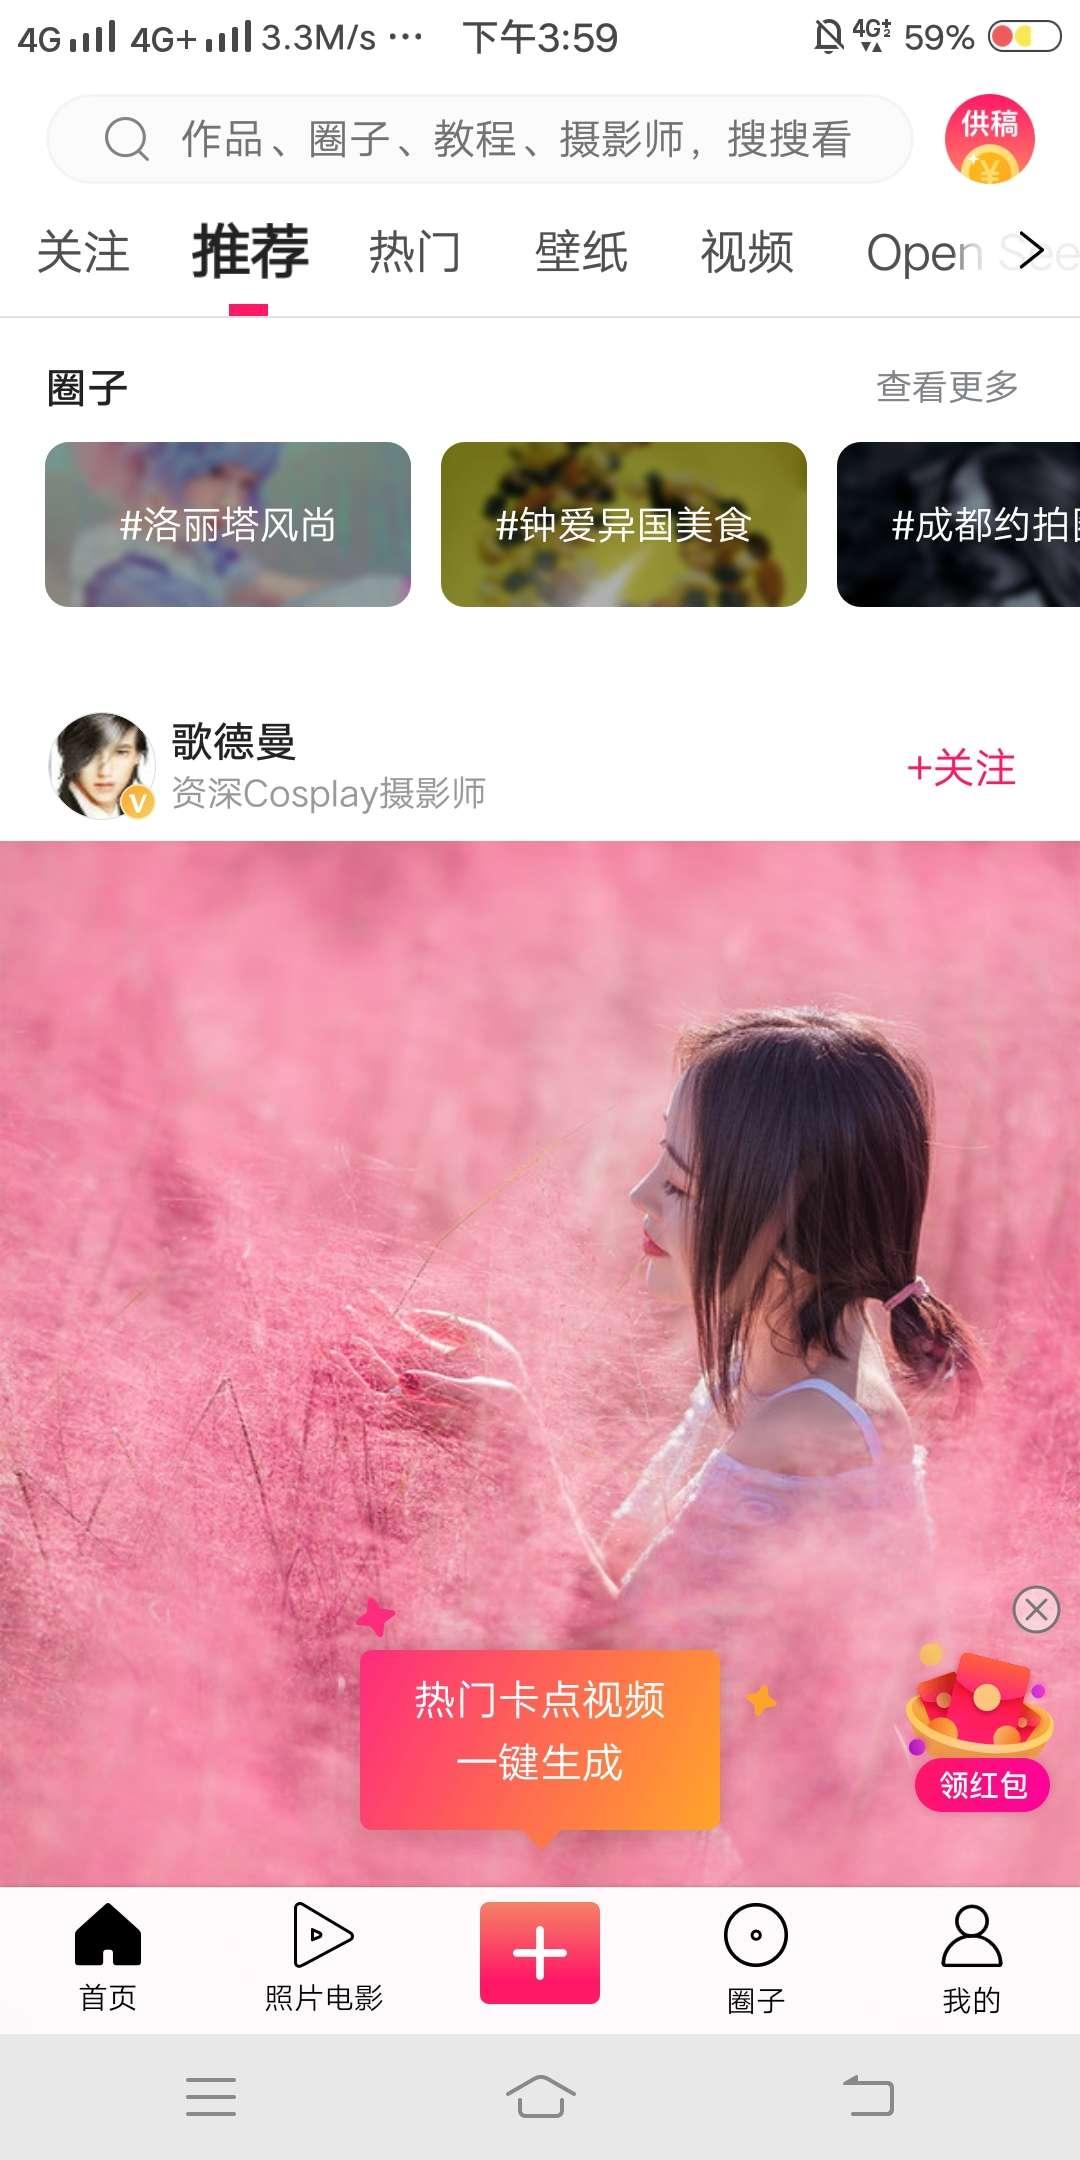 【分享】图虫-爱小助